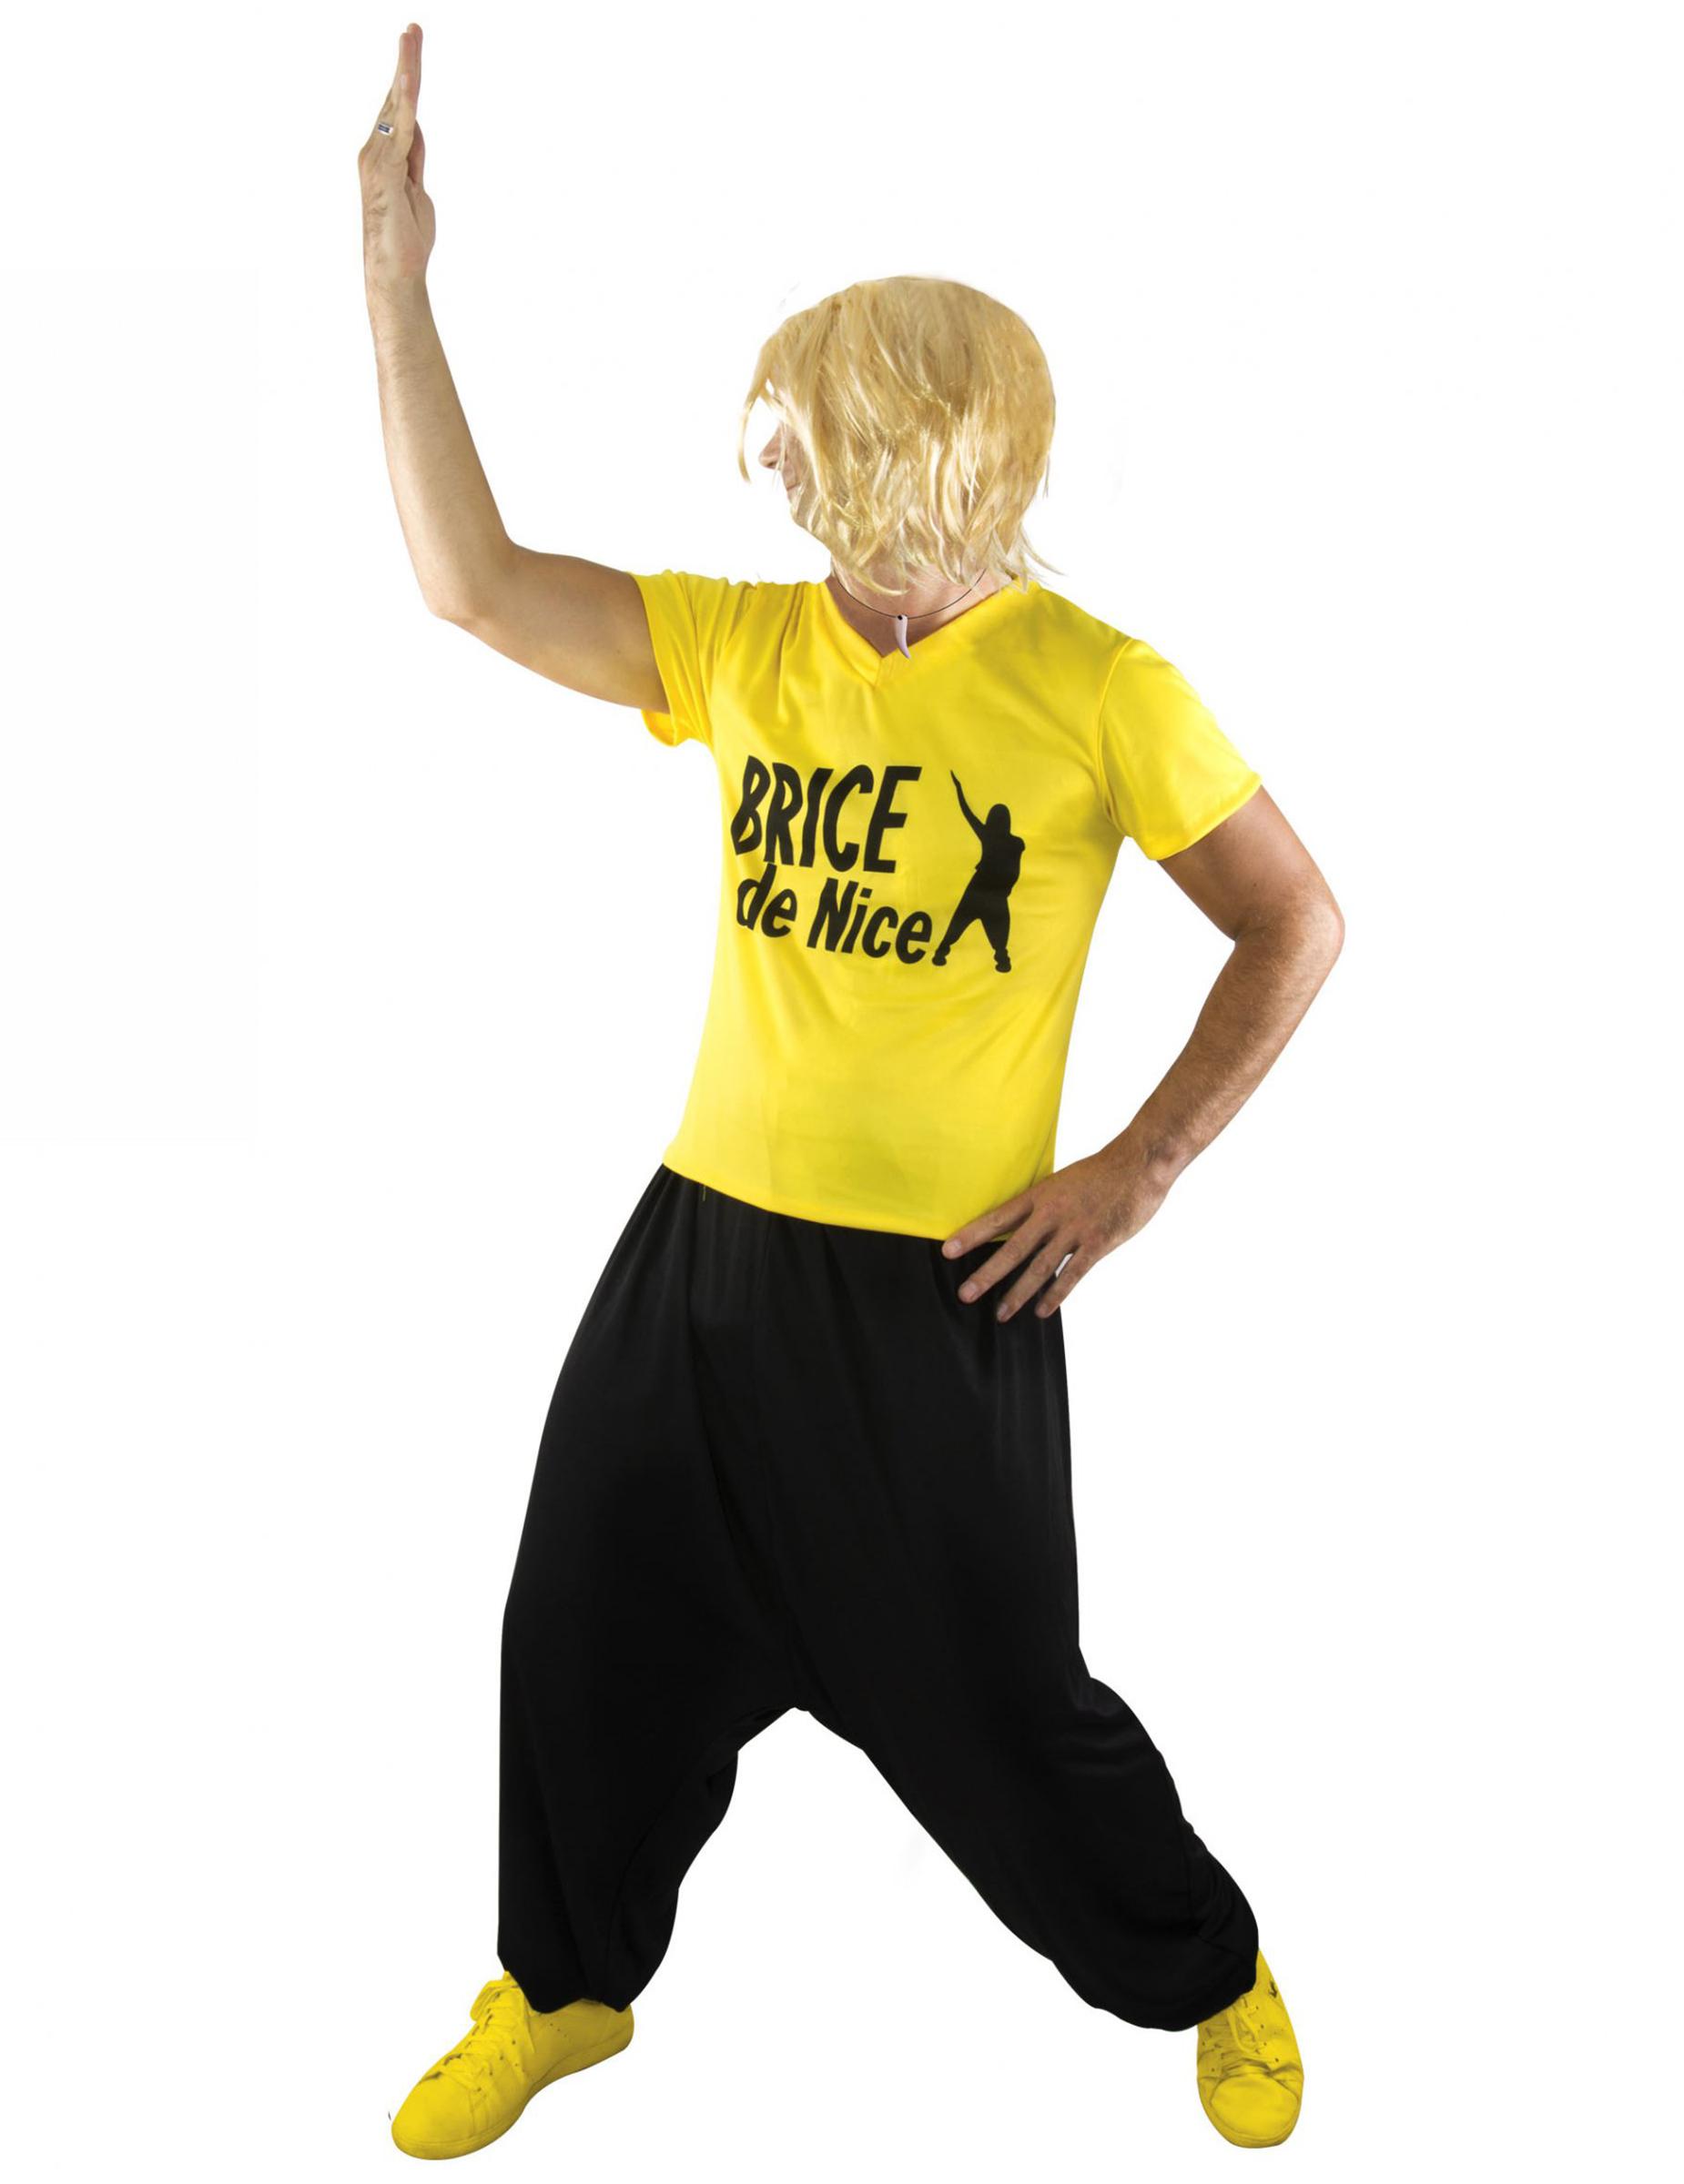 D guisement surfeur brice de nice homme deguise toi achat de d guisements adultes - Idee deguisement annee 80 pas cher ...